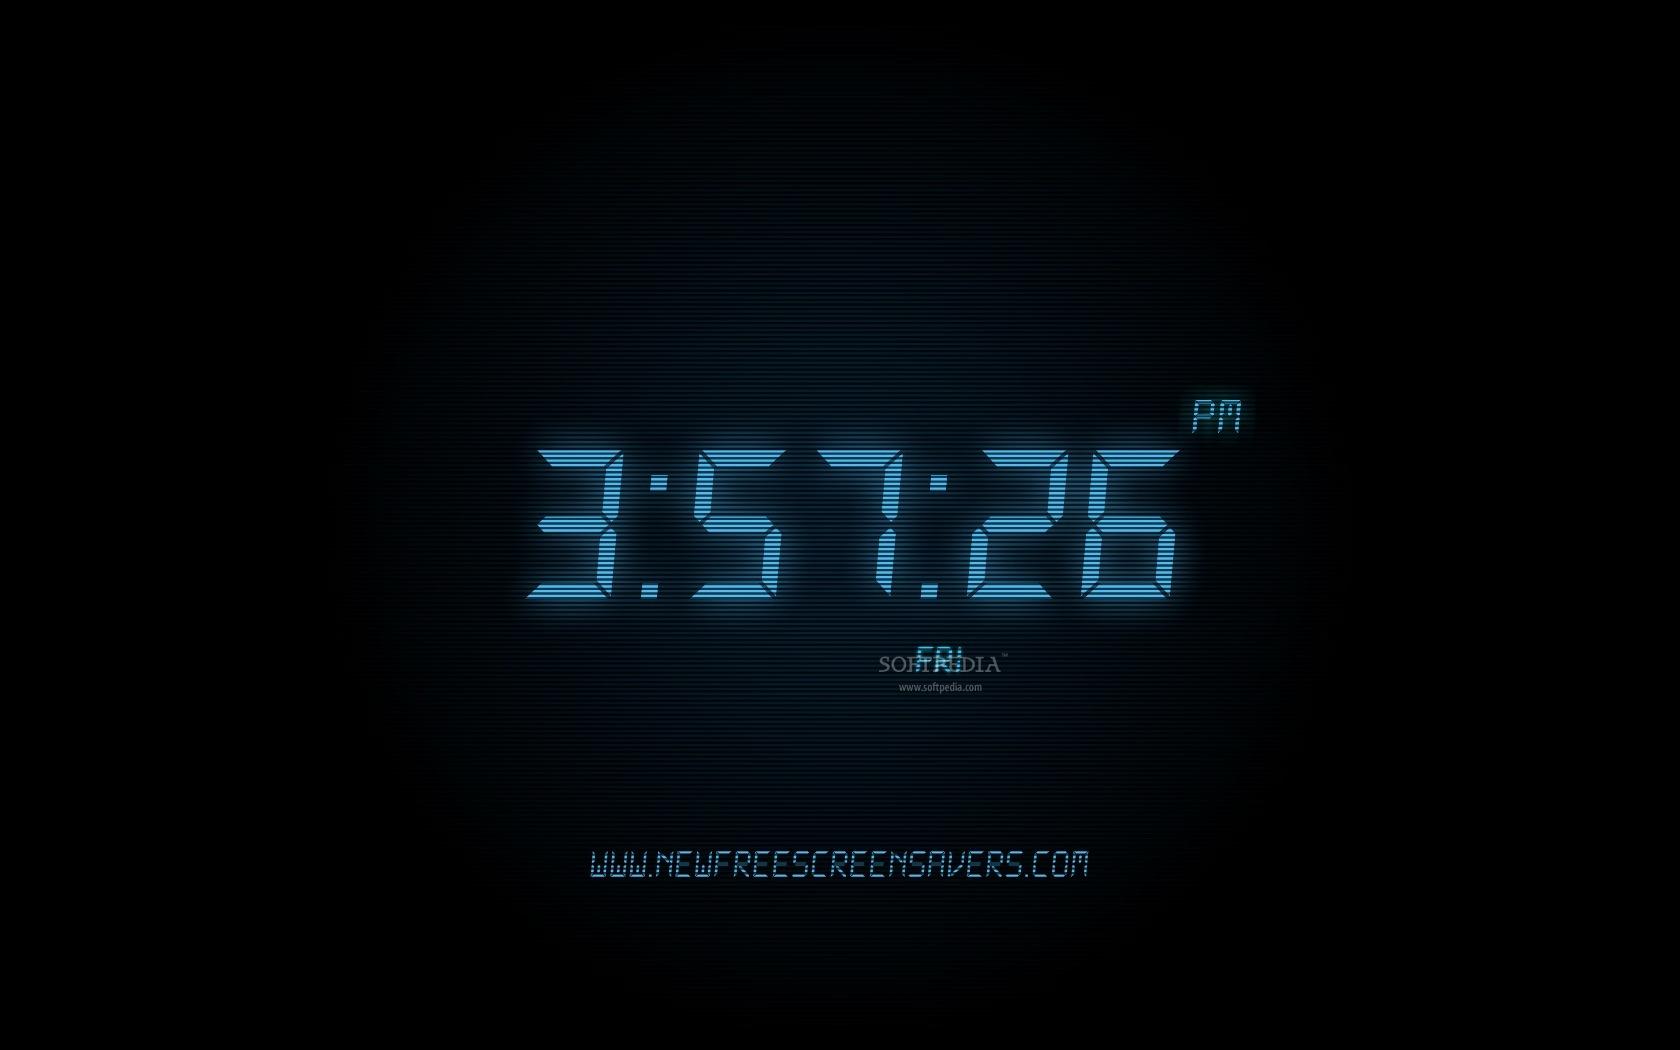 Working Clock Wallpaper Screensaver